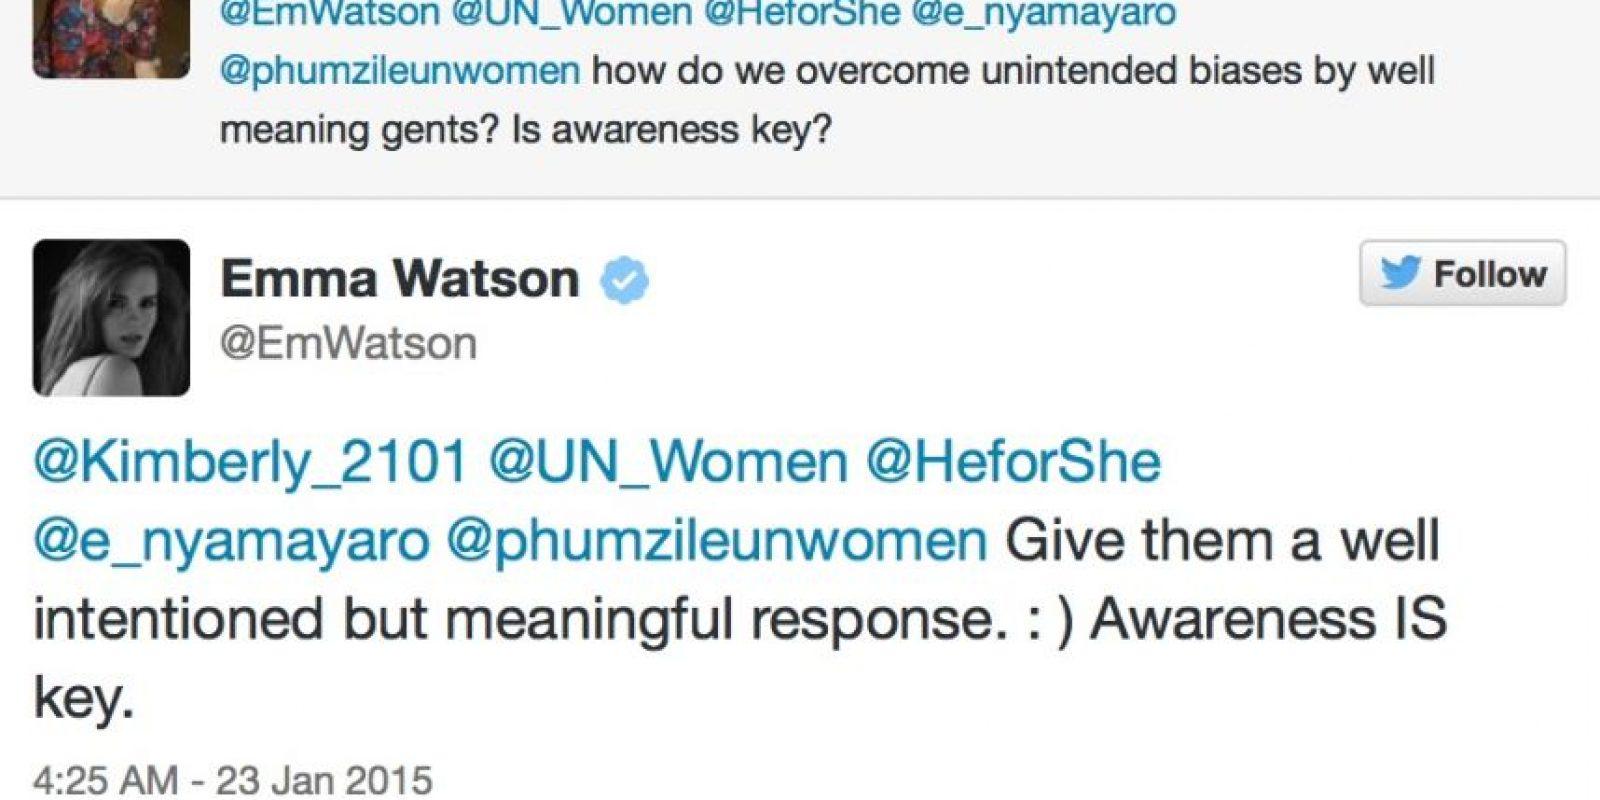 """""""¿Es concientizar la clave?"""" Emma Watson: Por supuesto que lo es. Foto:Emma Watson/Twitter"""